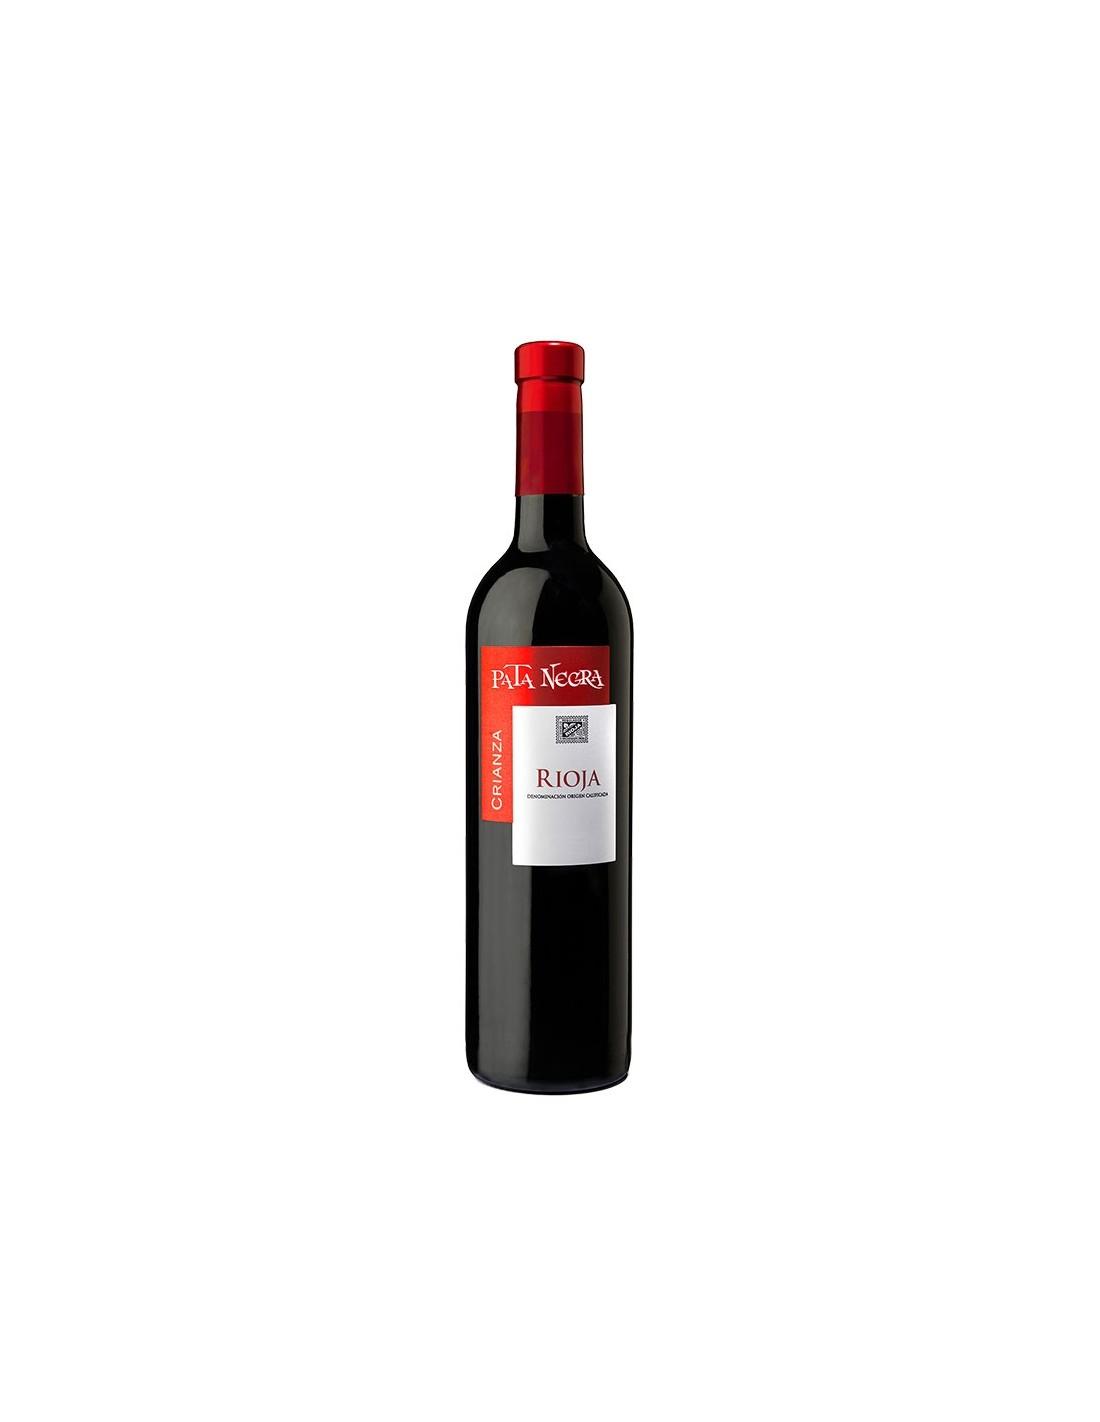 Vin rosu, Tempranillo, Pata Negra Crianza Rioja, 0.75L, Spania